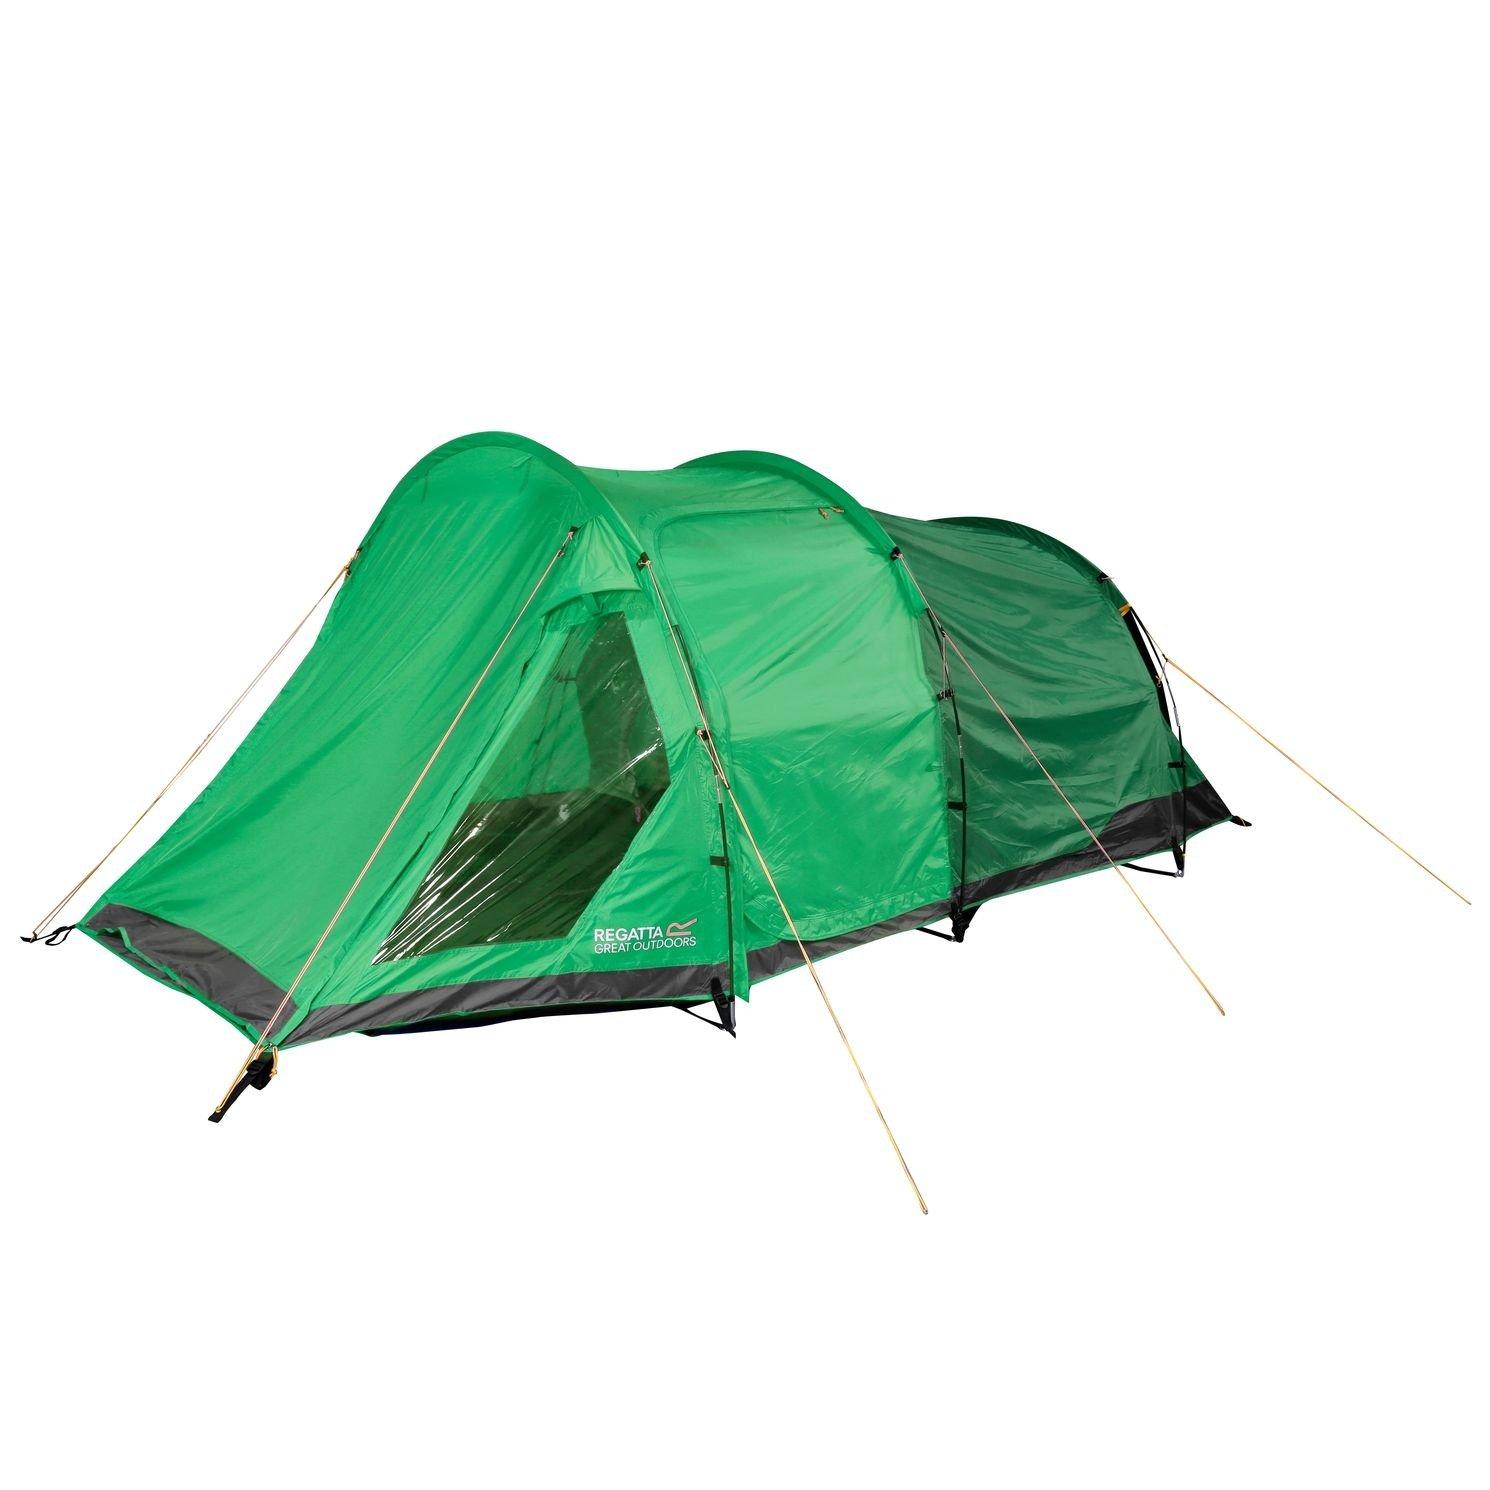 Regatta Vester 4 Person Family Tent - Extreme Green by Regatta